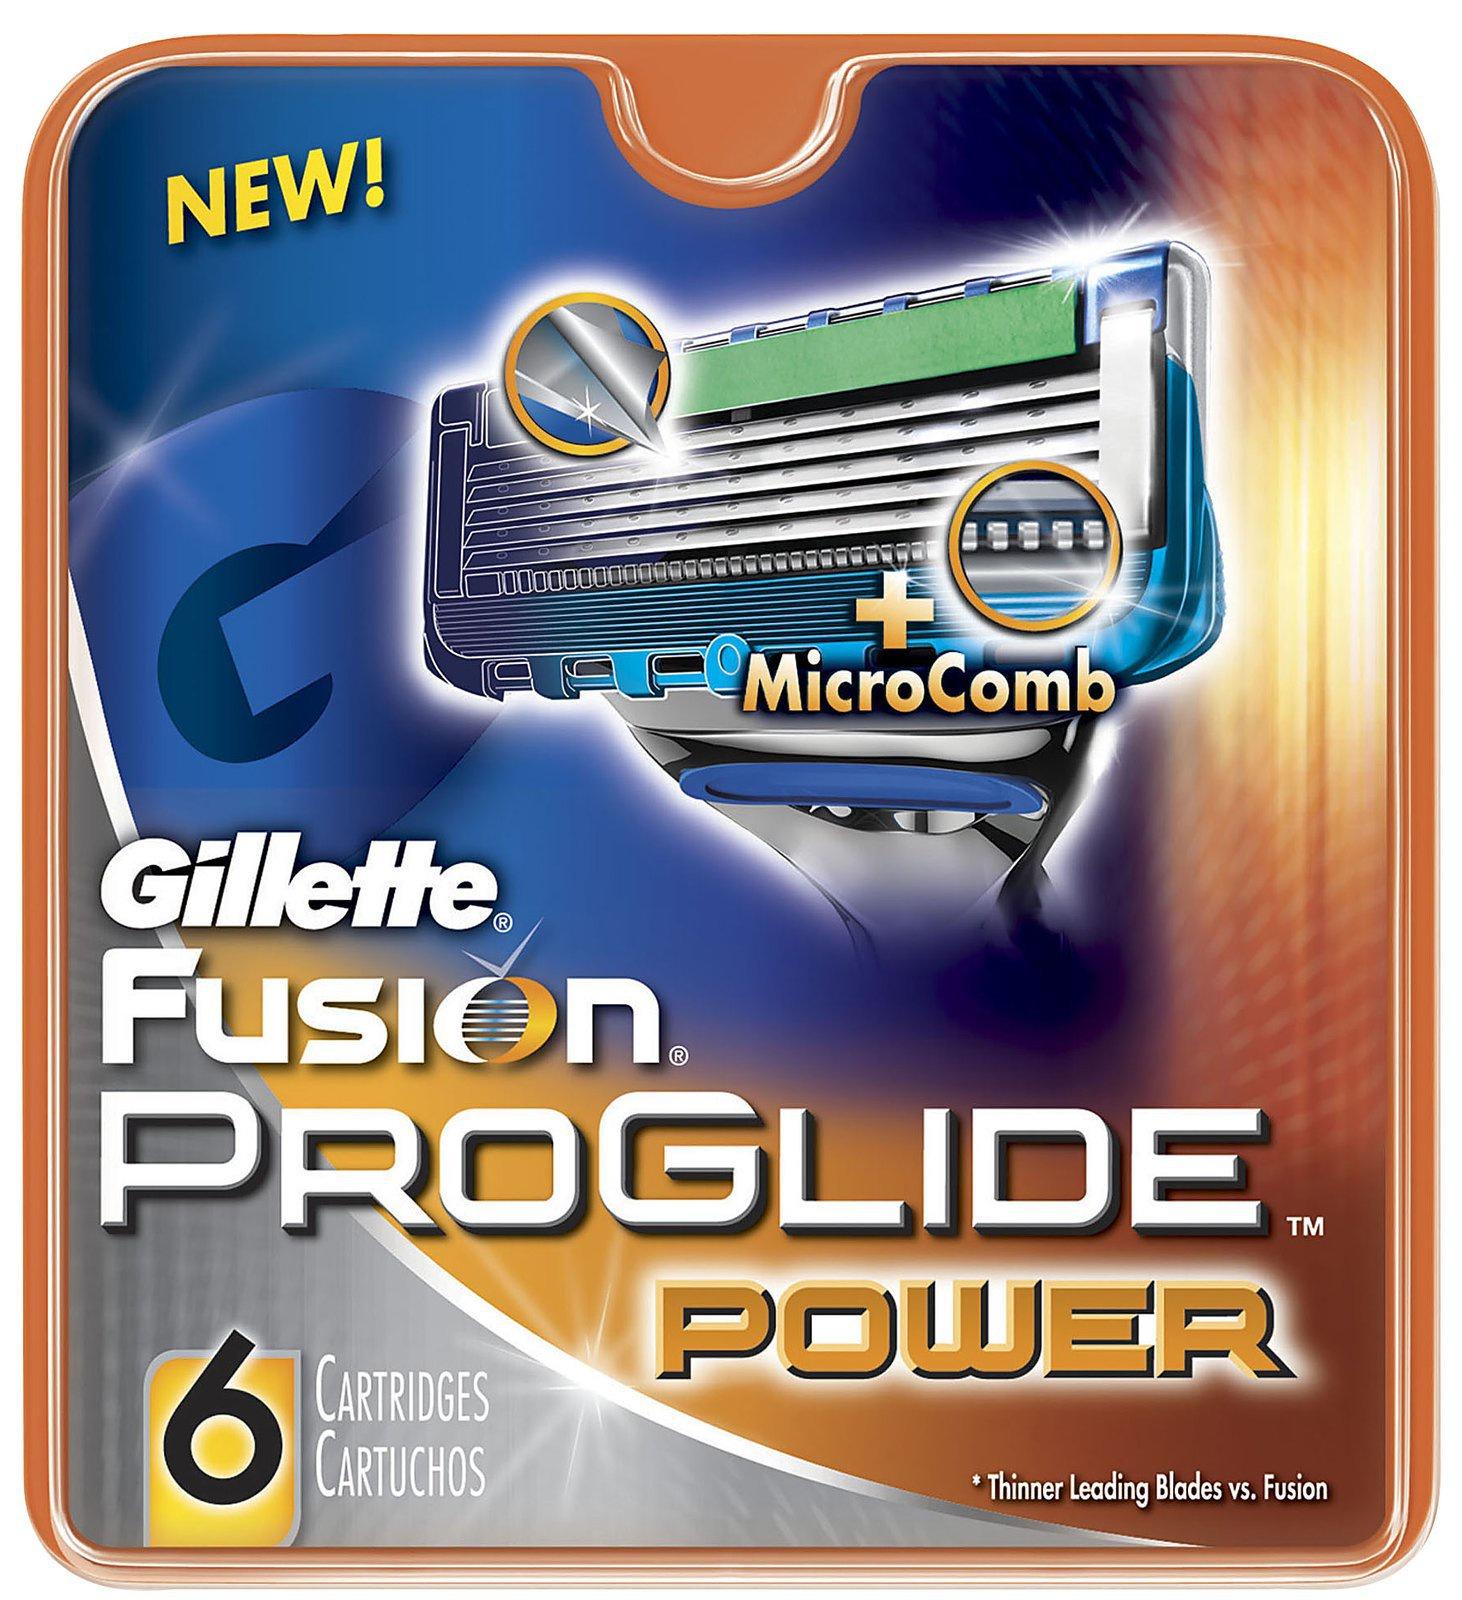 Сменные кассеты для бритв Gillette сменные кассеты Fusion ProGlide Power 6 gillette сменные кассеты fusion proglide power 2 шт